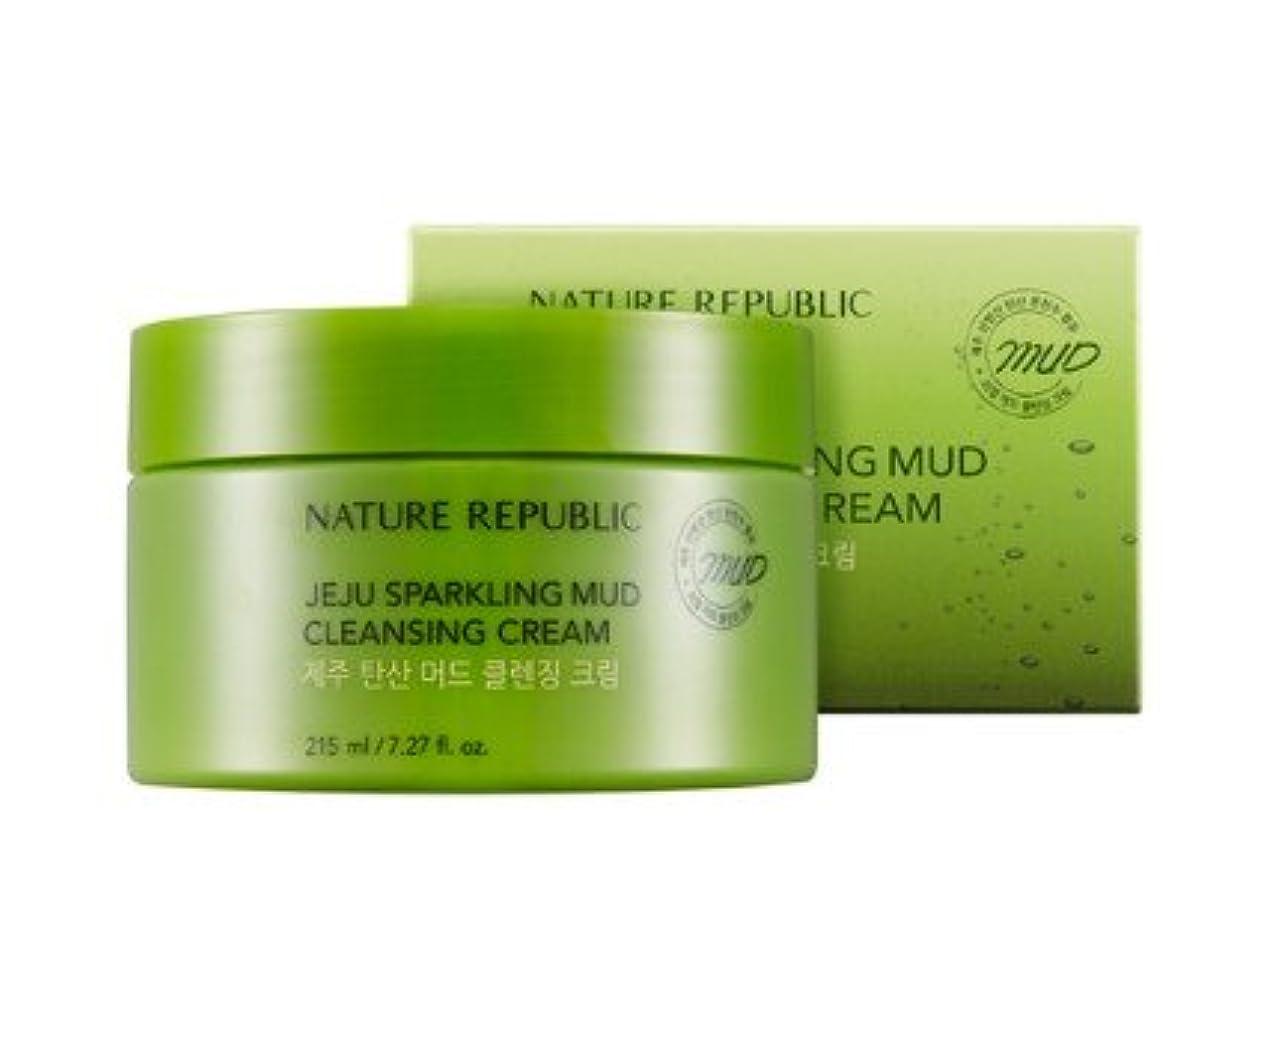 おかしいアウタースリラーNature republic Jeju Sparkling Mud Cleansing Cream ネイチャーリパブリック チェジュ炭酸マッド クレンジングクリーム 215ML [並行輸入品]